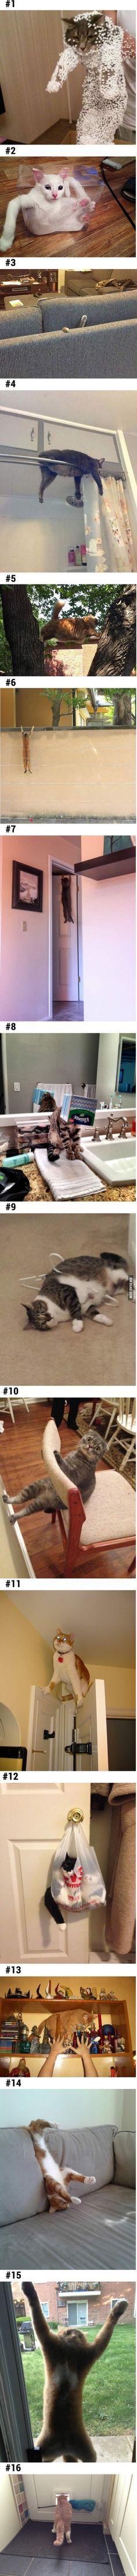 Los lugares y las posiciones fuera de toda lógica de los gatos ... son tan graciosos !!!